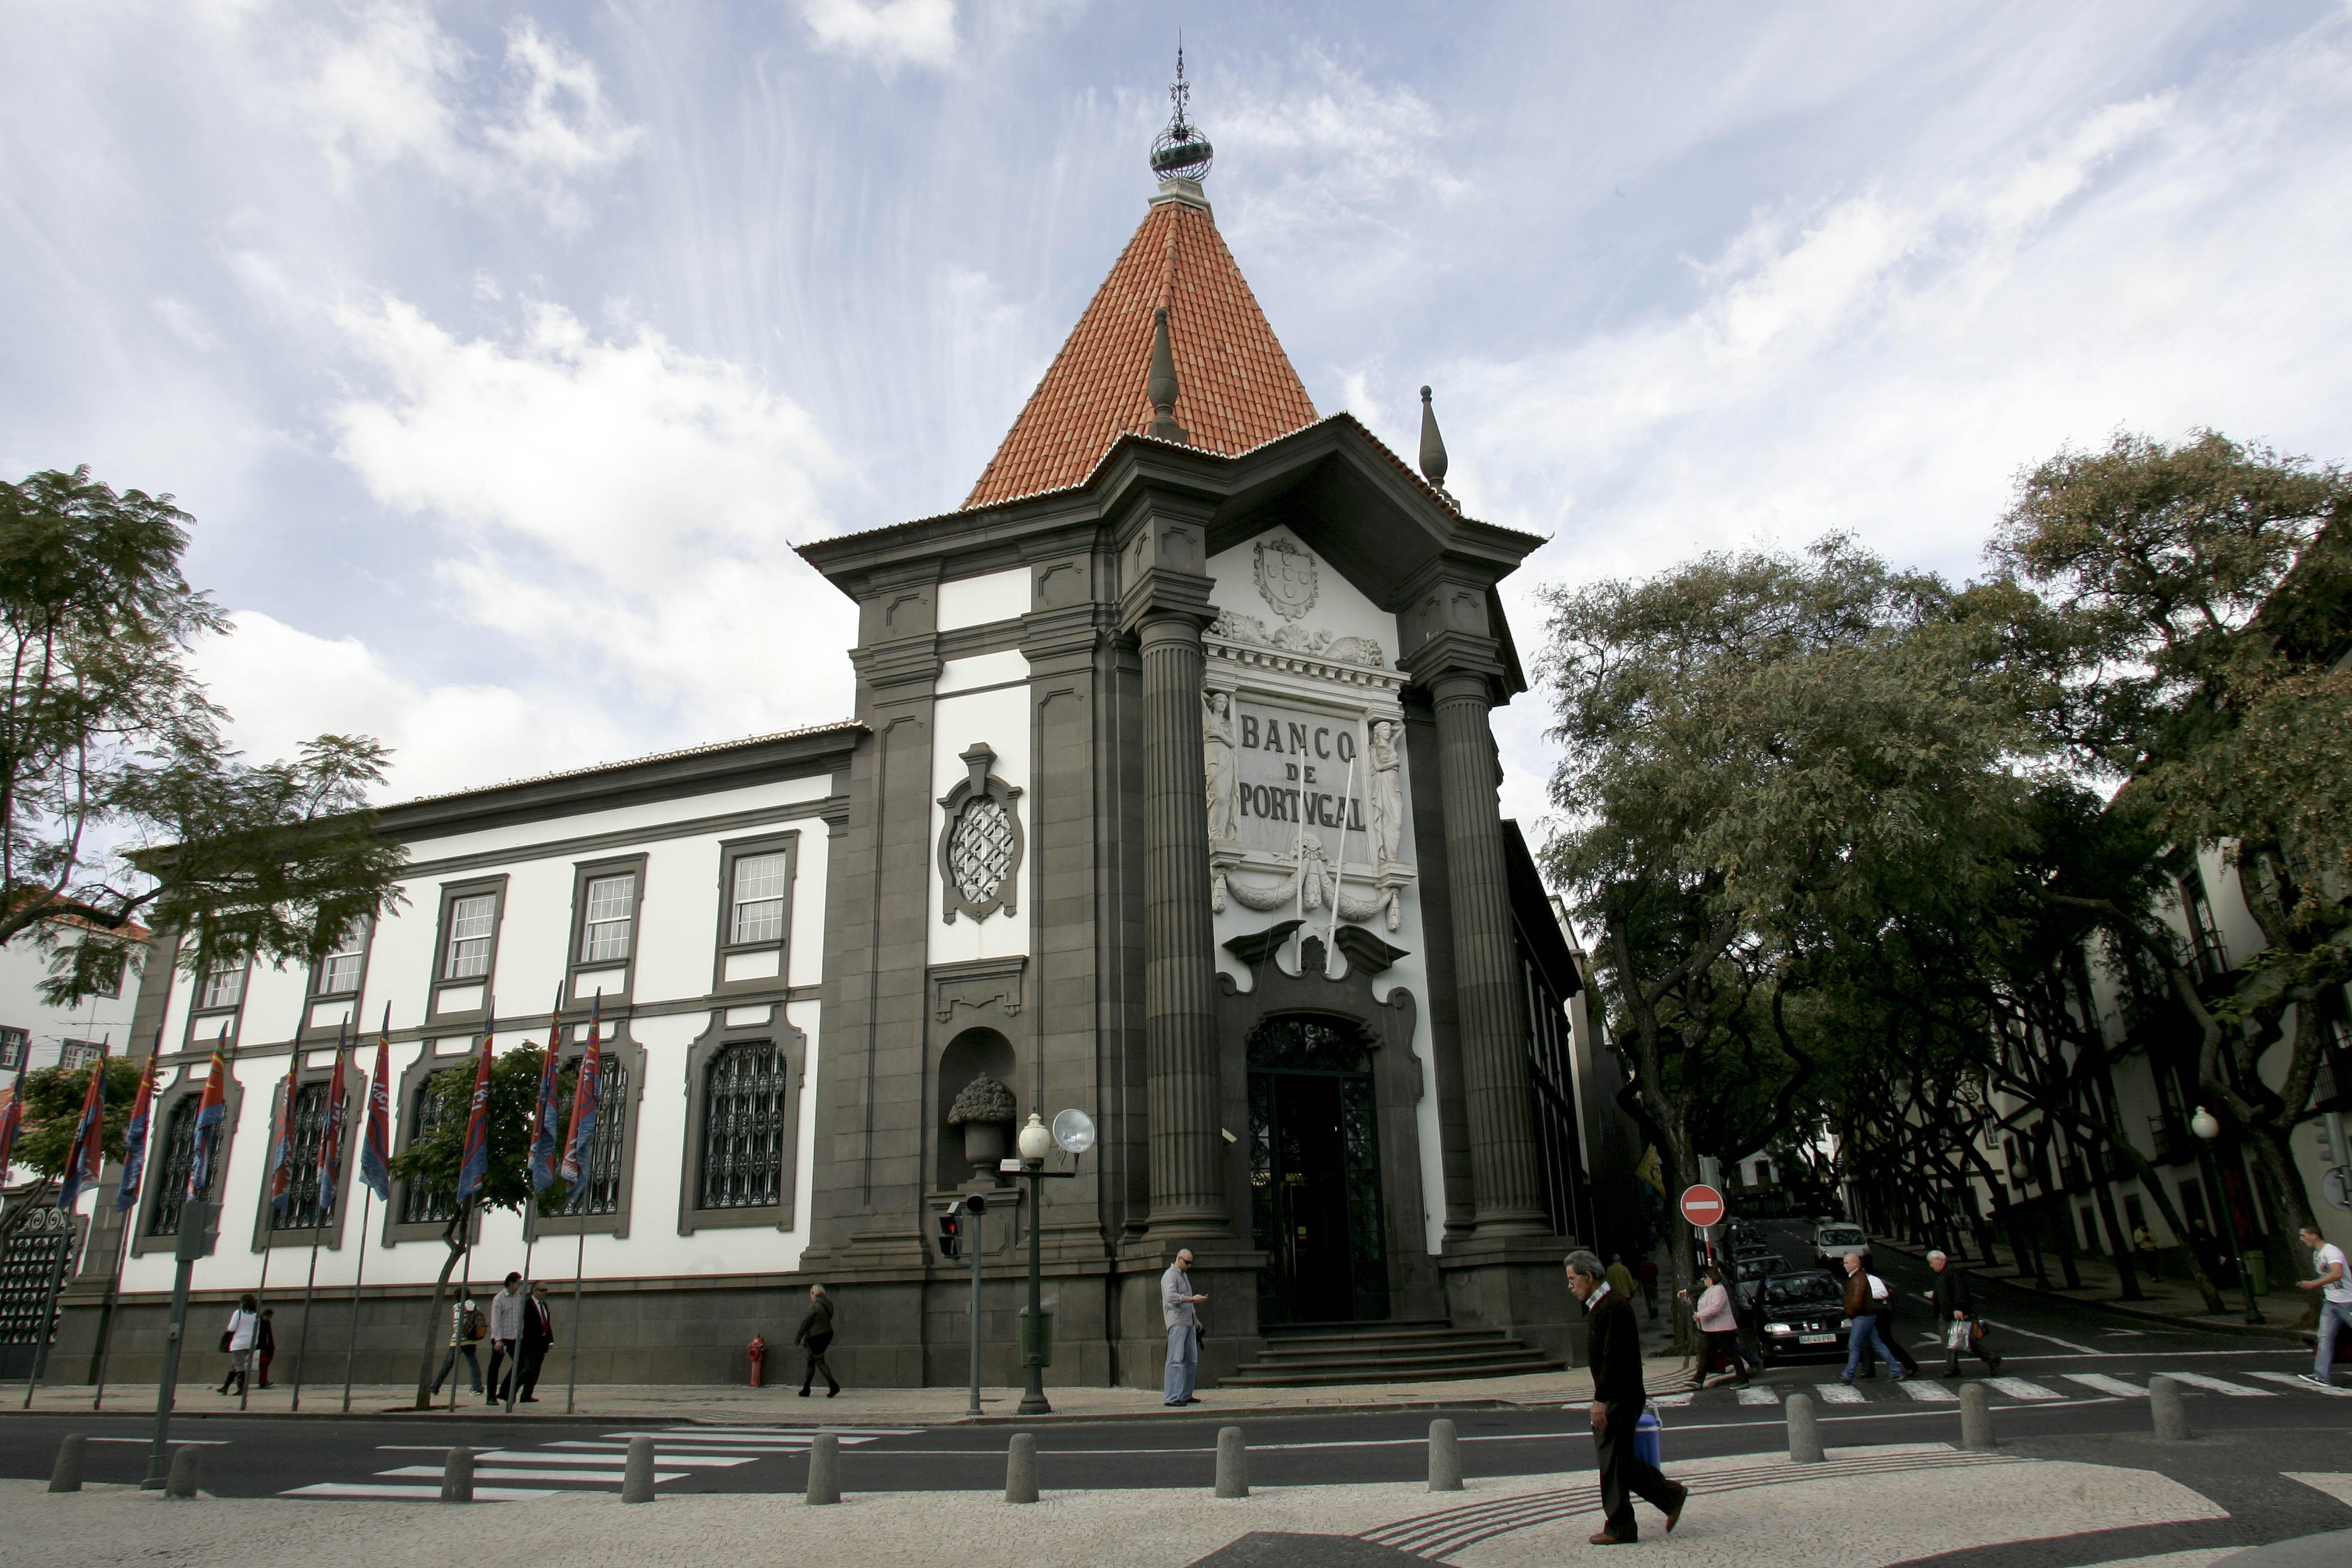 Mala suspeita junto ao Banco de Portugal no Funchal era falso alarme